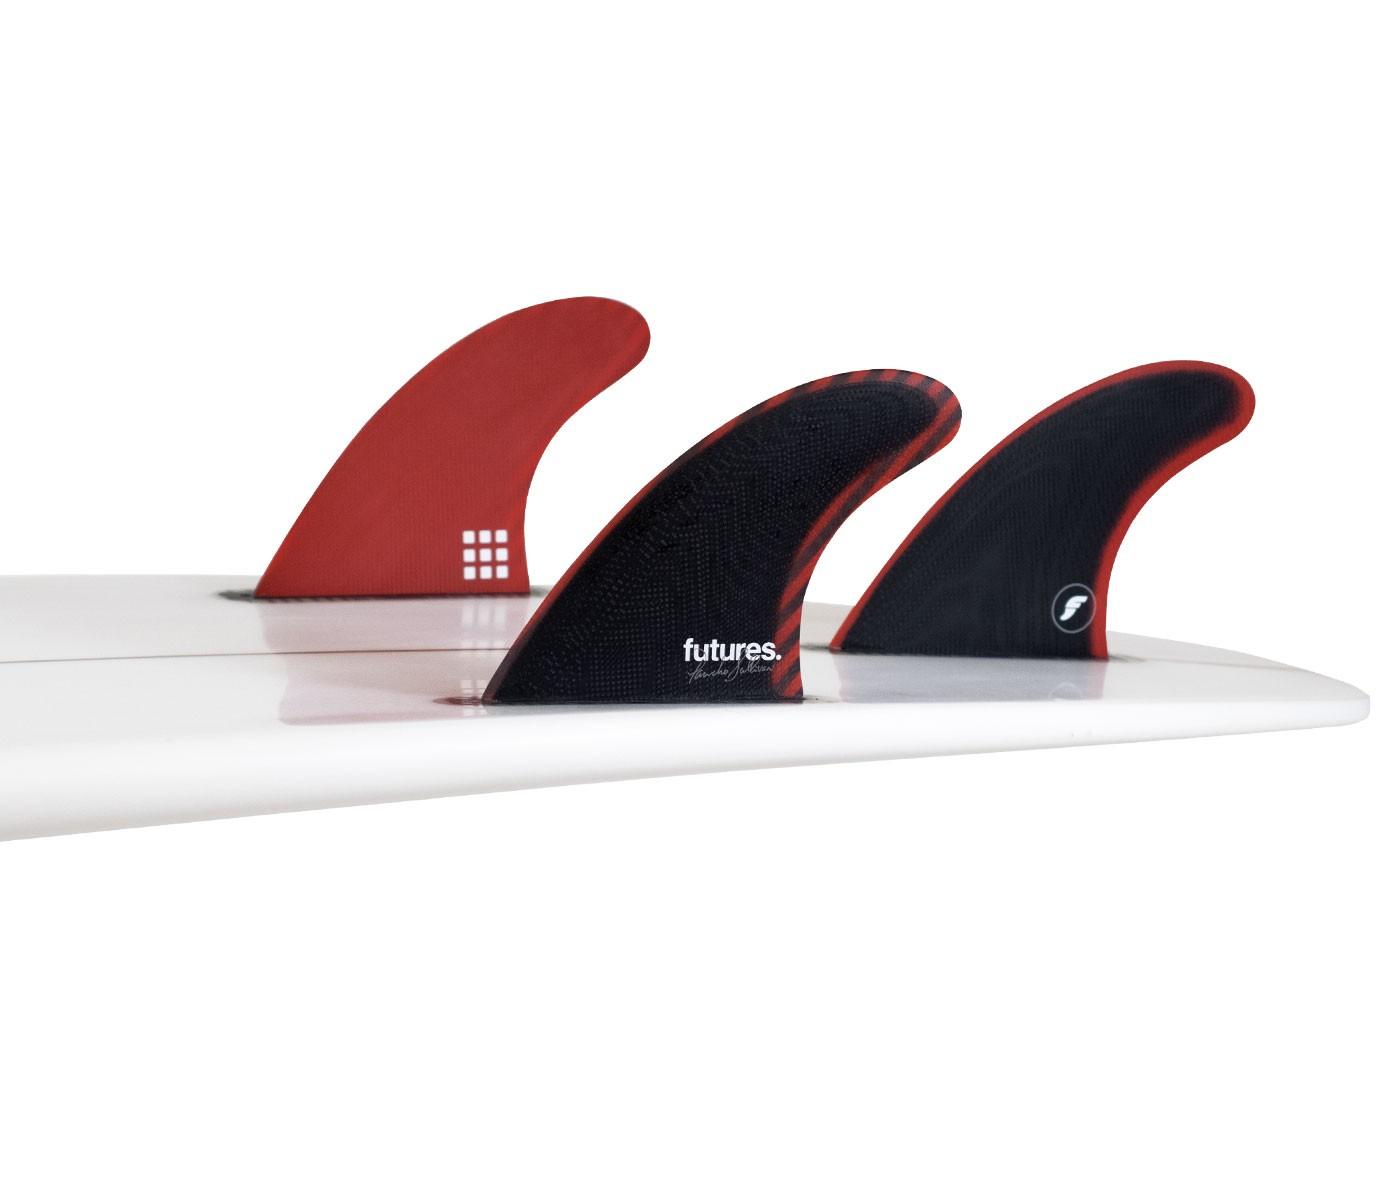 """סט חרבות מדגםPS Fiberglass אשר עוצבו ע""""י הגולש Pancho Sullivan.מכל הסטים מסדרת Futures ה - PS Fiberglassהיא הכי פחות גמישה .שילוב מצוין לגלישה מסוגננת ואחיזה נהדרת לאורך הגל.מתאימות גם לים נמוך וגם לימים הגבוהים וכן לגולשים בעל סגנון גלישה חזק."""